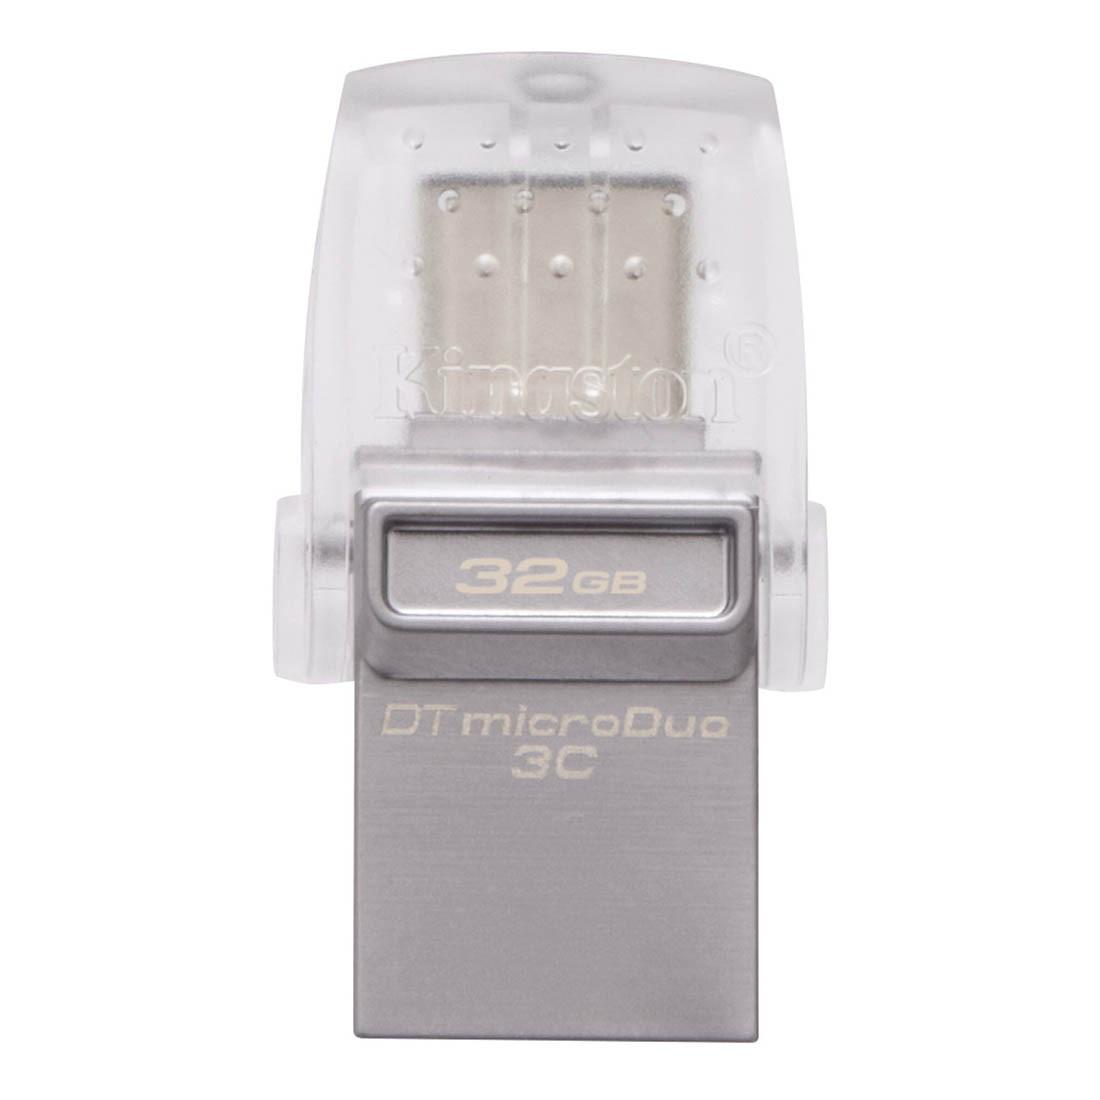 USB-флеш 3.0 Kingston OTG DTDUO3C/32GB (32Gb, Grey)